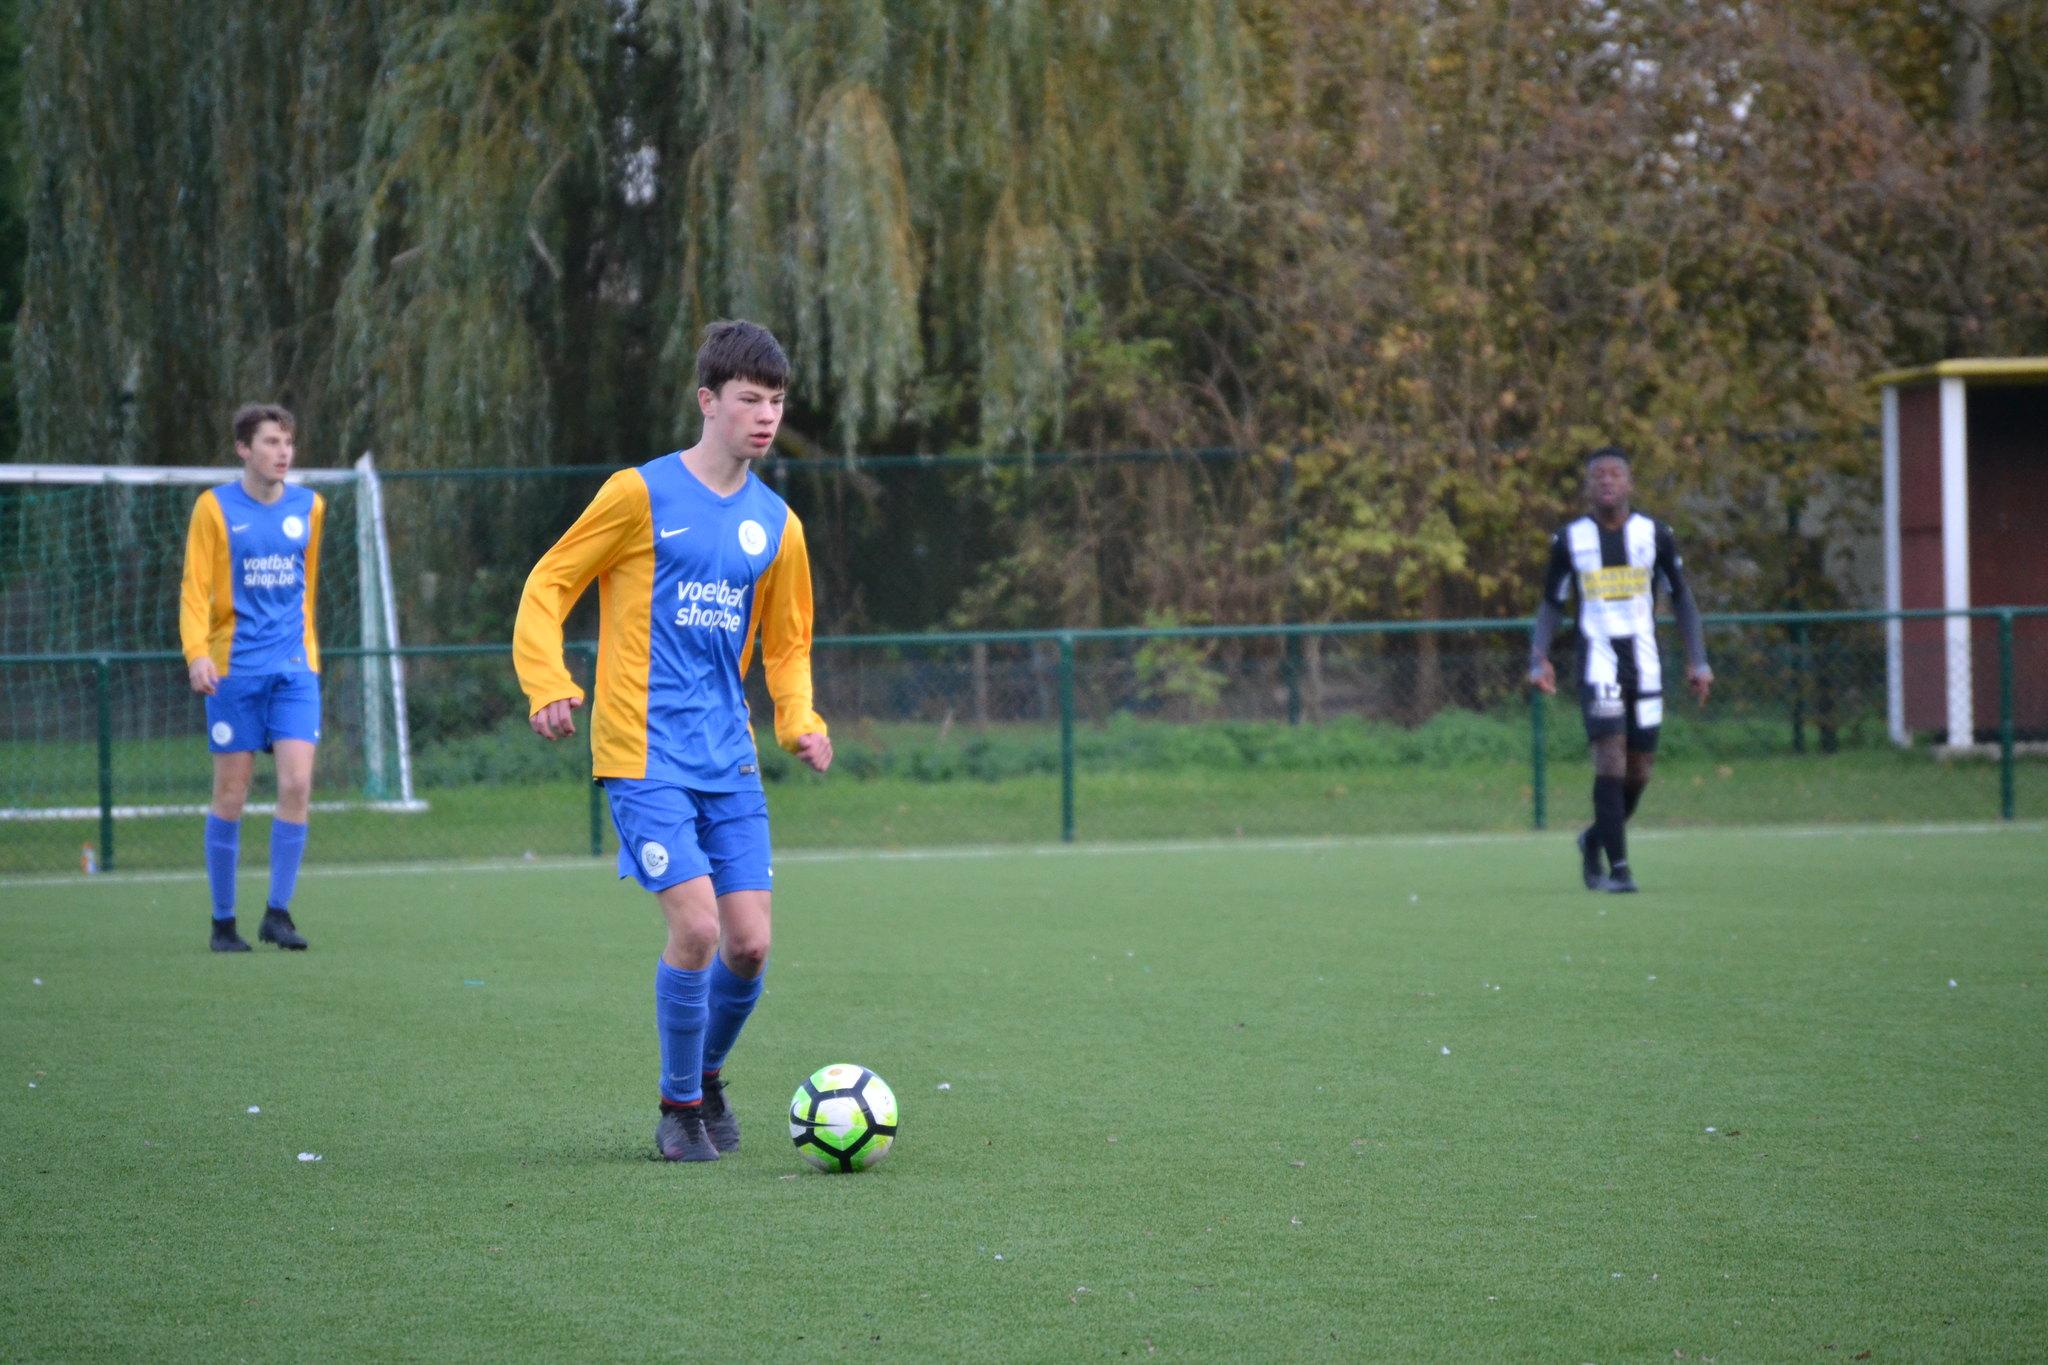 U17A - 16/11/2019 - Sporting Kampenhout vs S.C. Eendracht Aalst